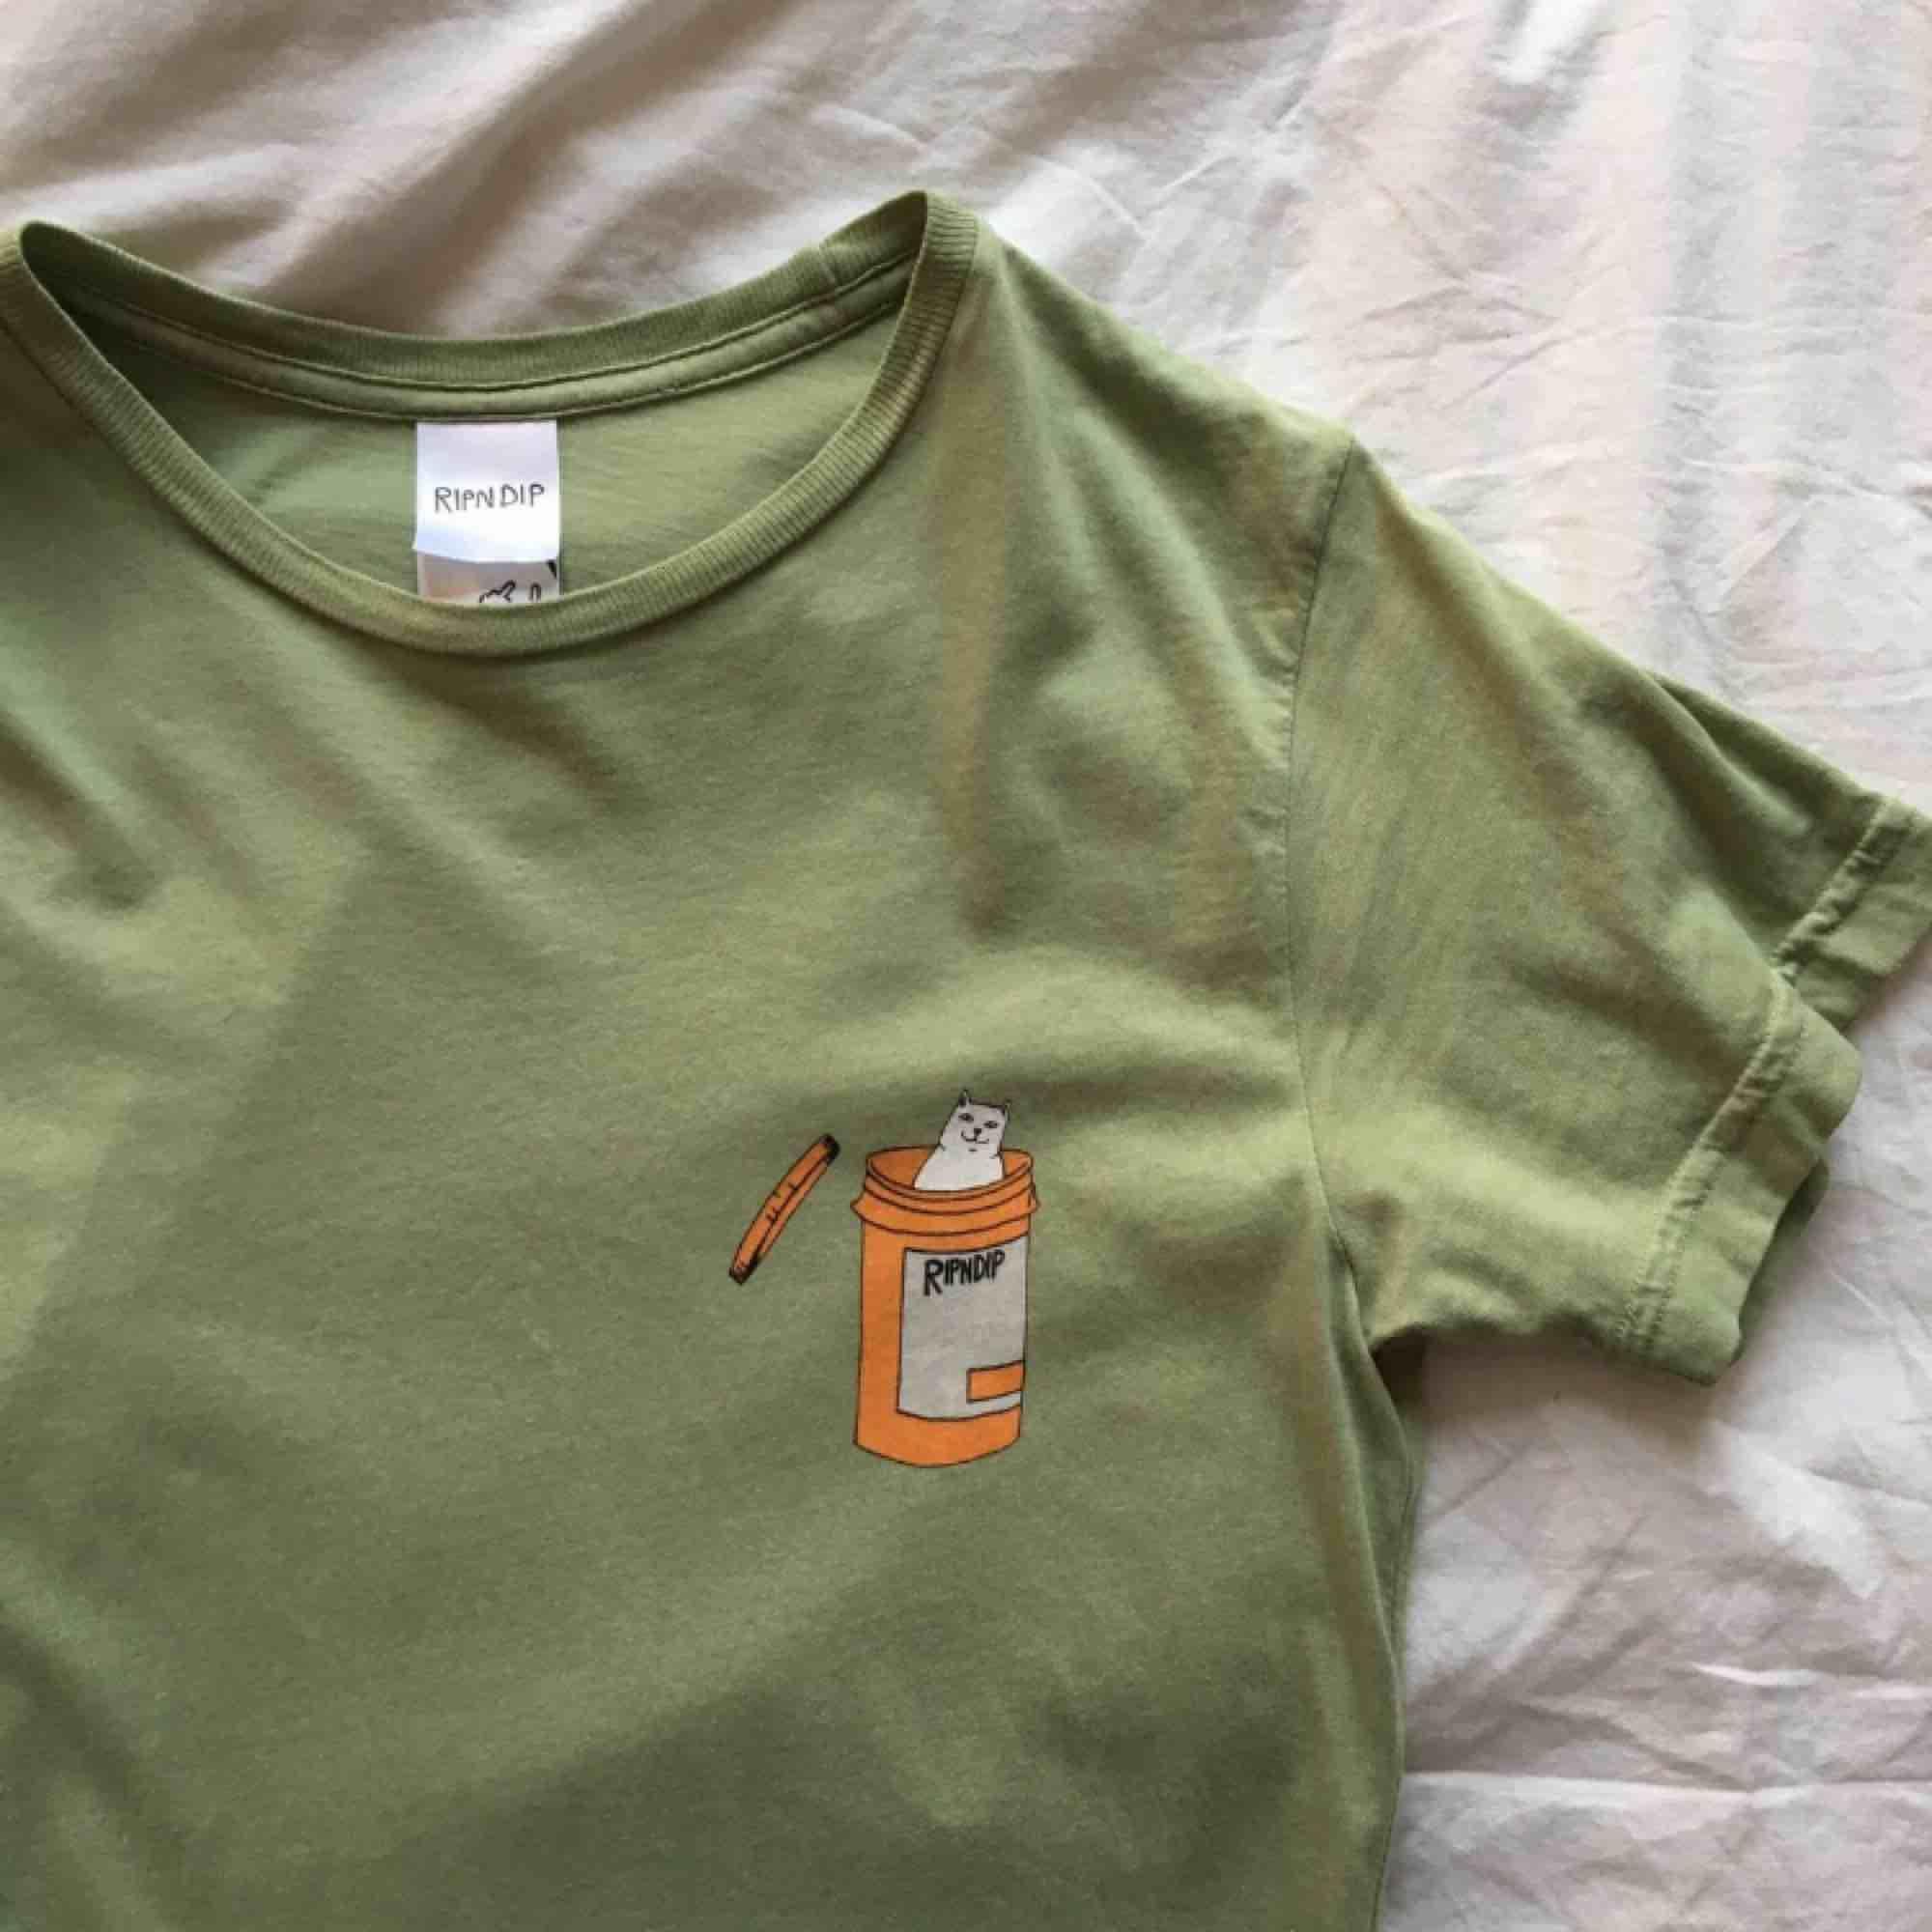 Ripndip t-shirt, strl S, 10/10 condition. T-shirts.